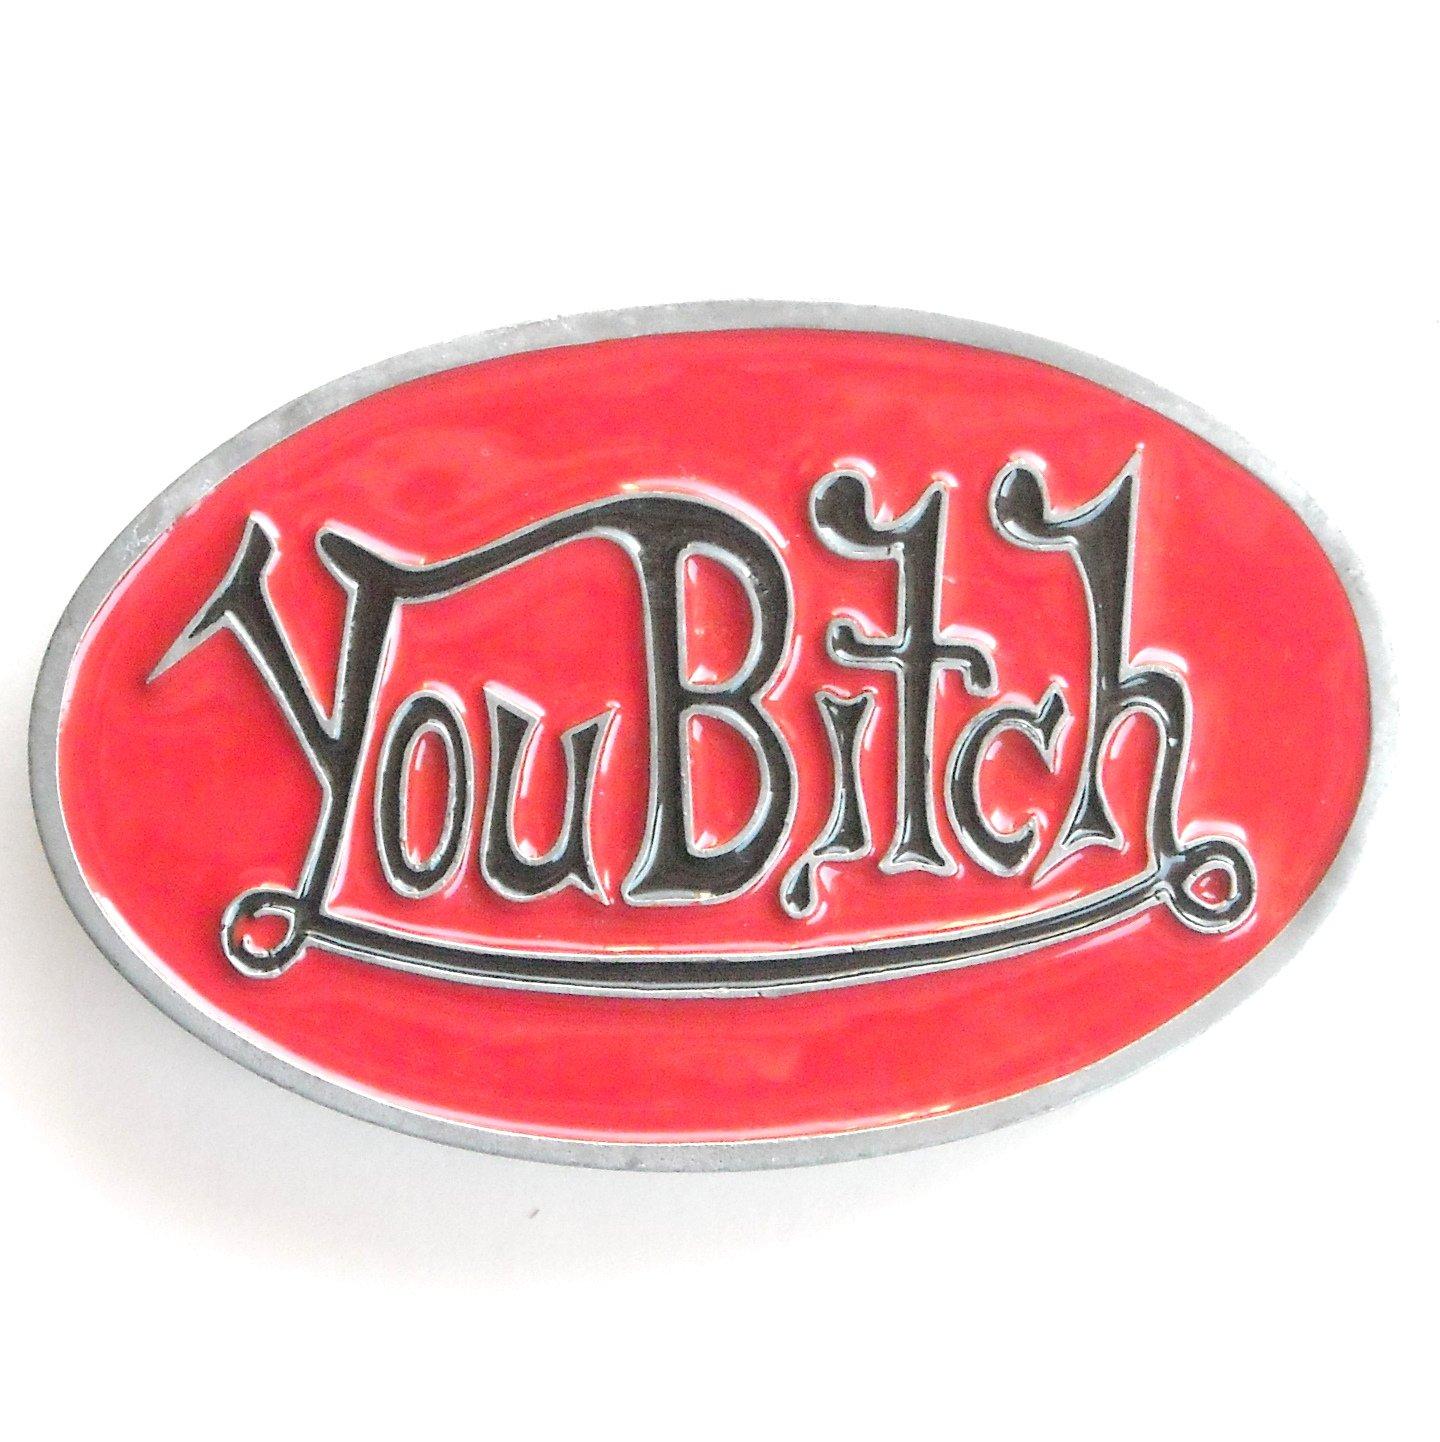 You Bitch Heavy Metal Red Enamel Oval Belt Buckle